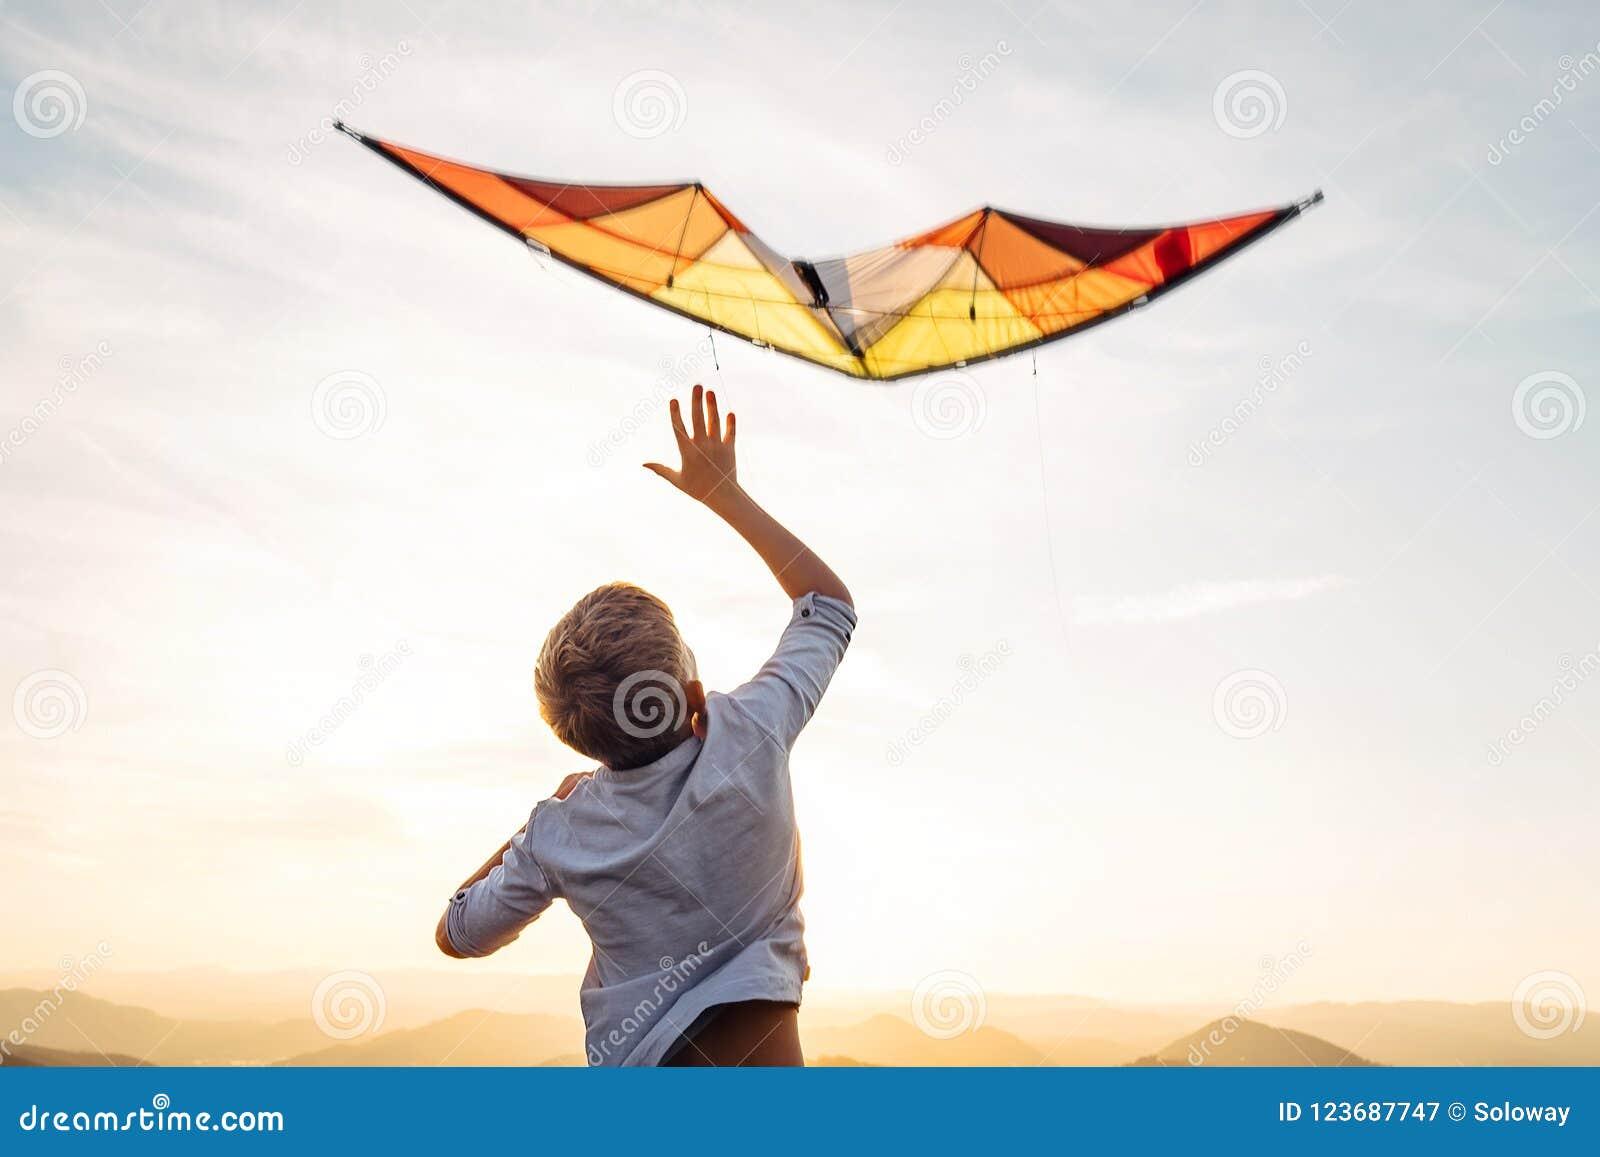 Começo do menino para voar o papagaio alaranjado brilhante no céu